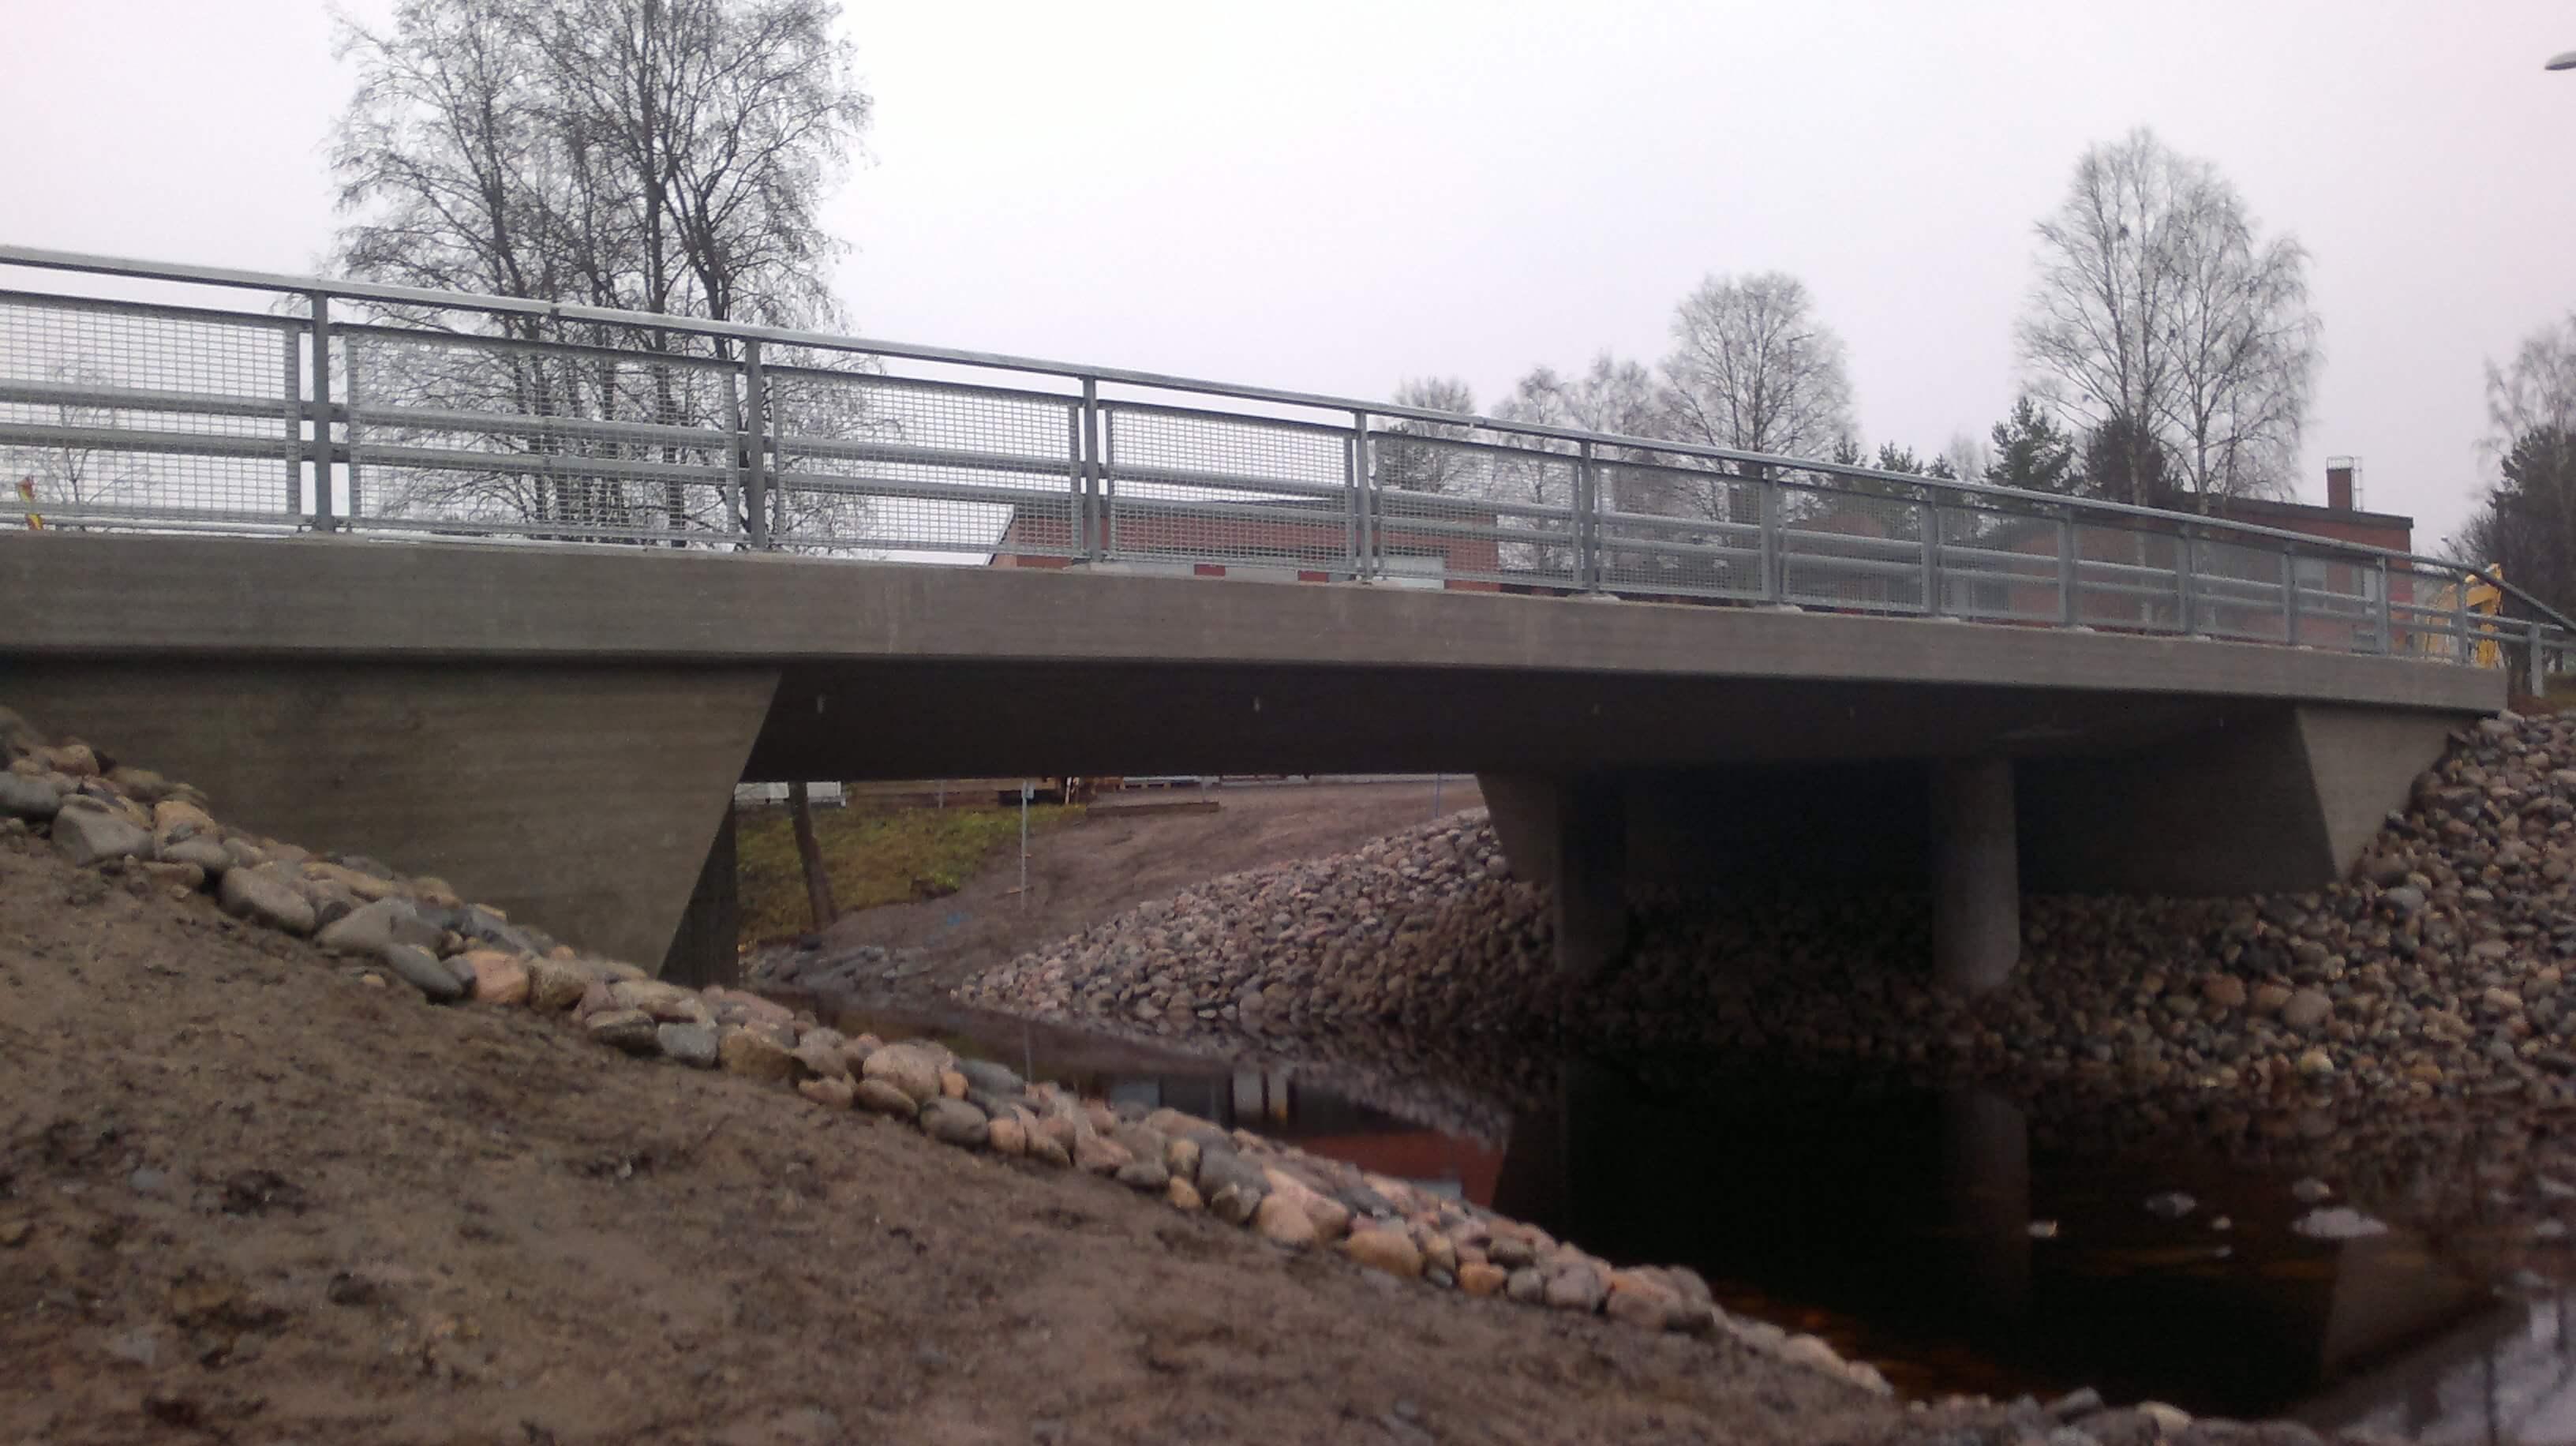 Opintien silta